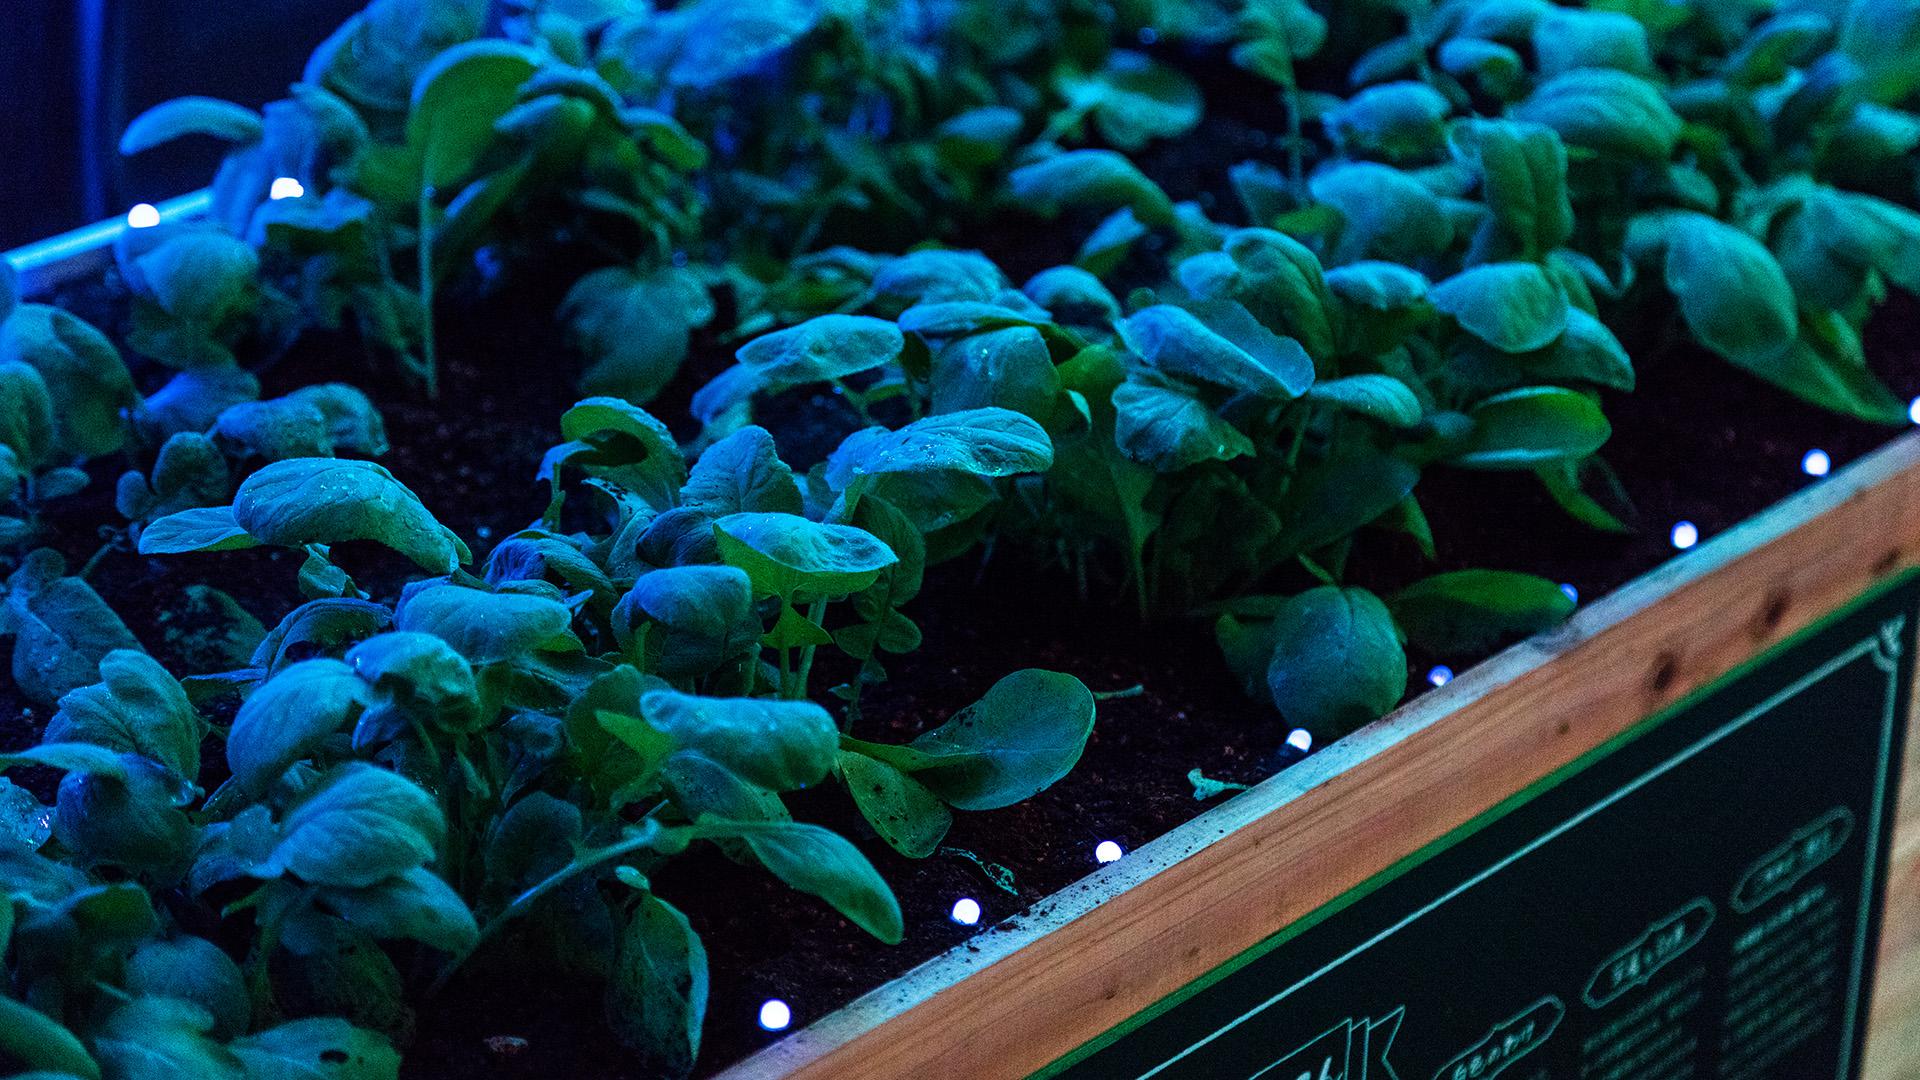 rgb_creative_ideas--digital-vegetable-japan-greenhouse-03